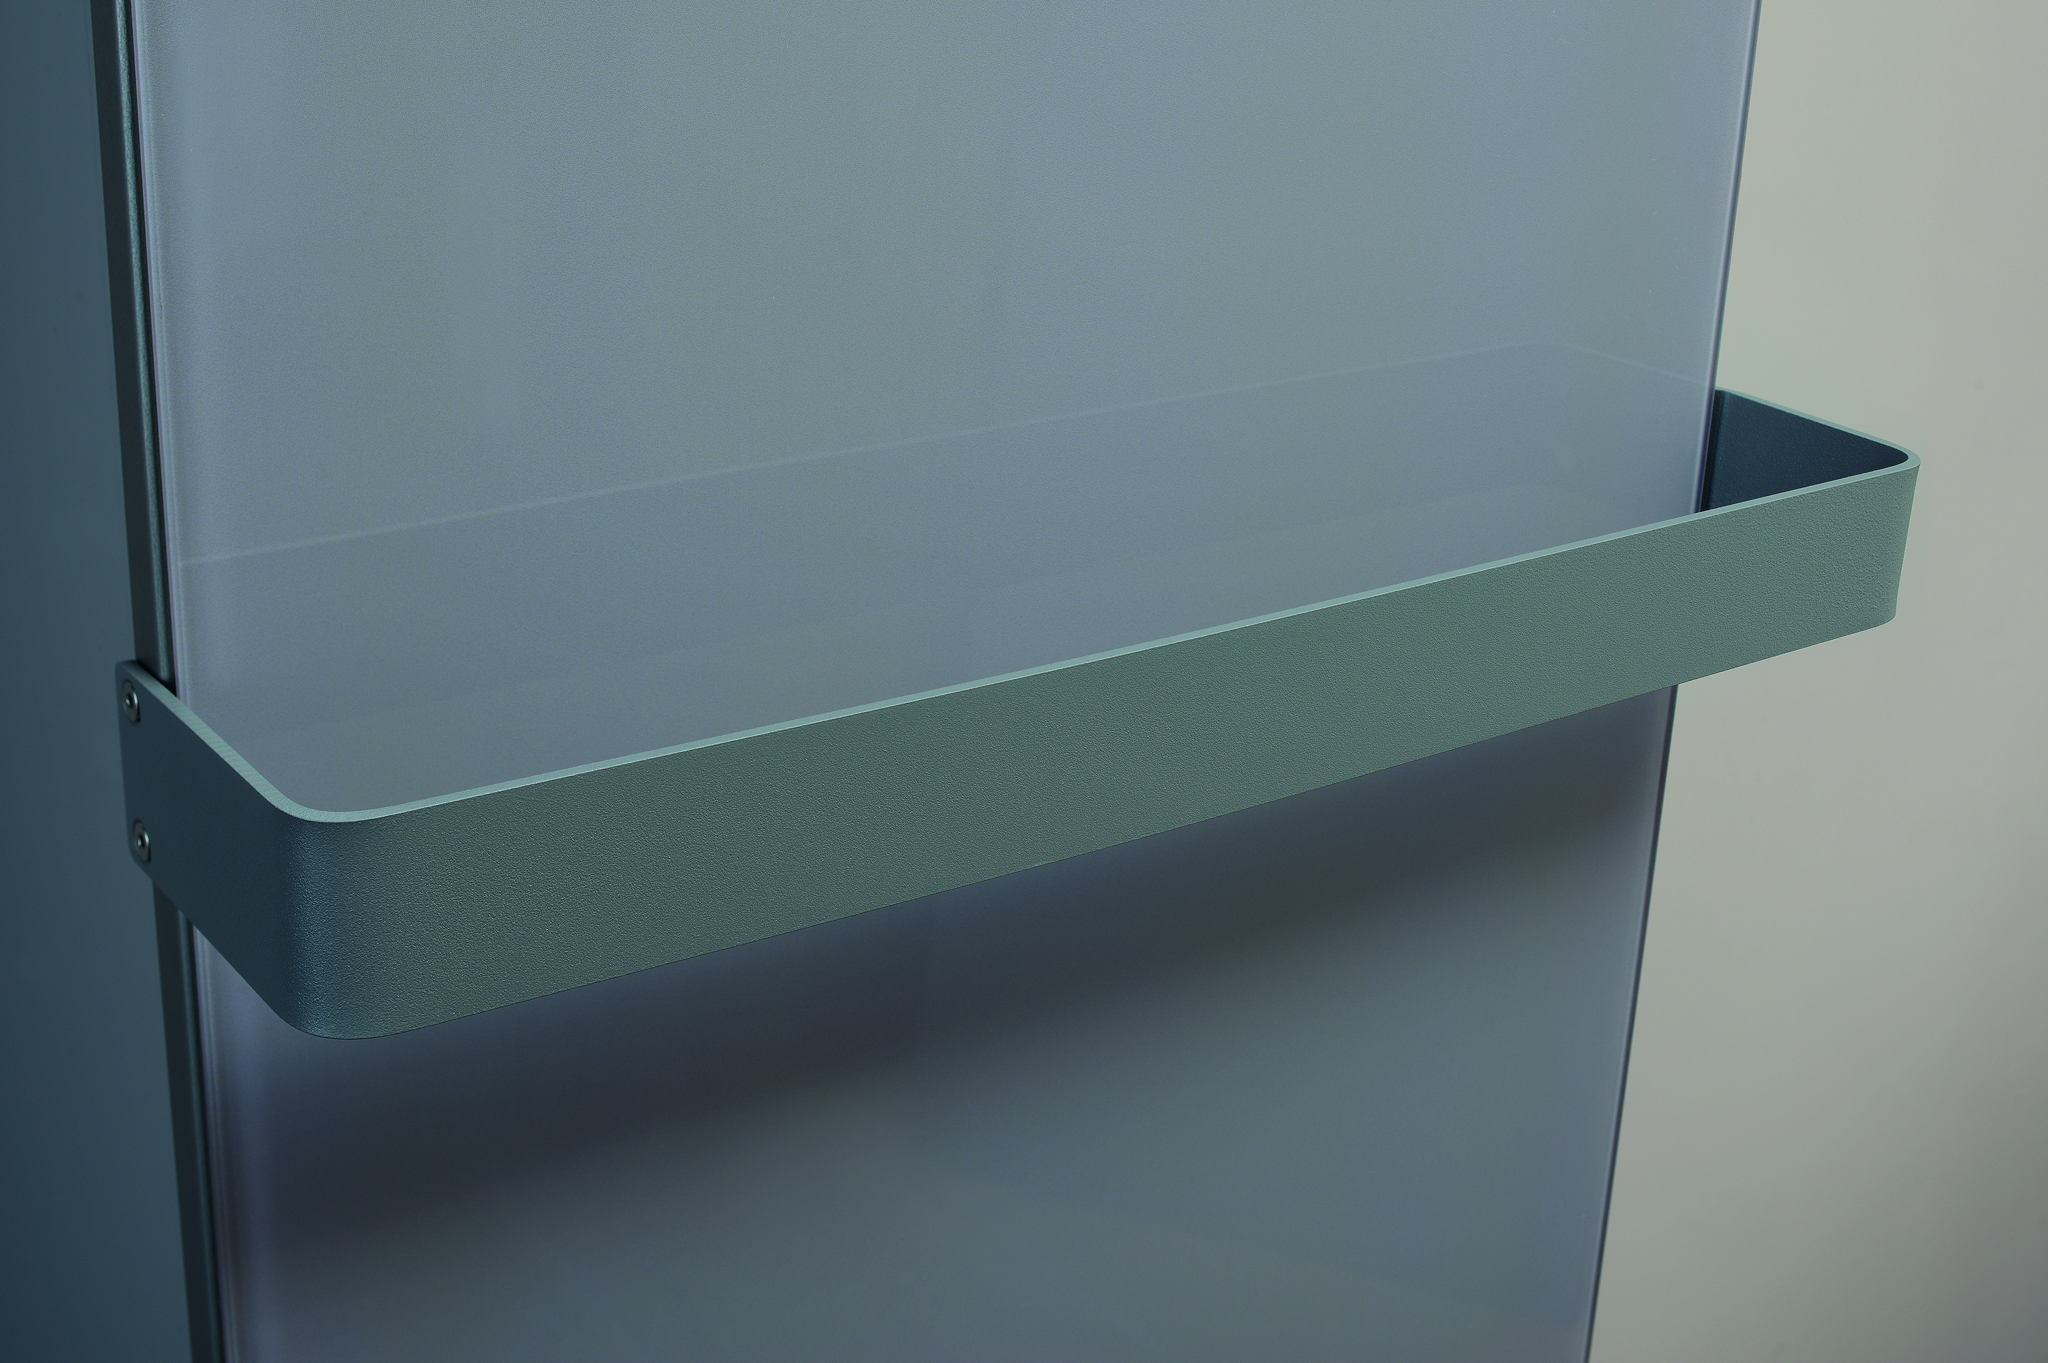 Radiateur Salle De Bain Facq ~ des meubles encore plus innovants pour optimiser l espace de sa